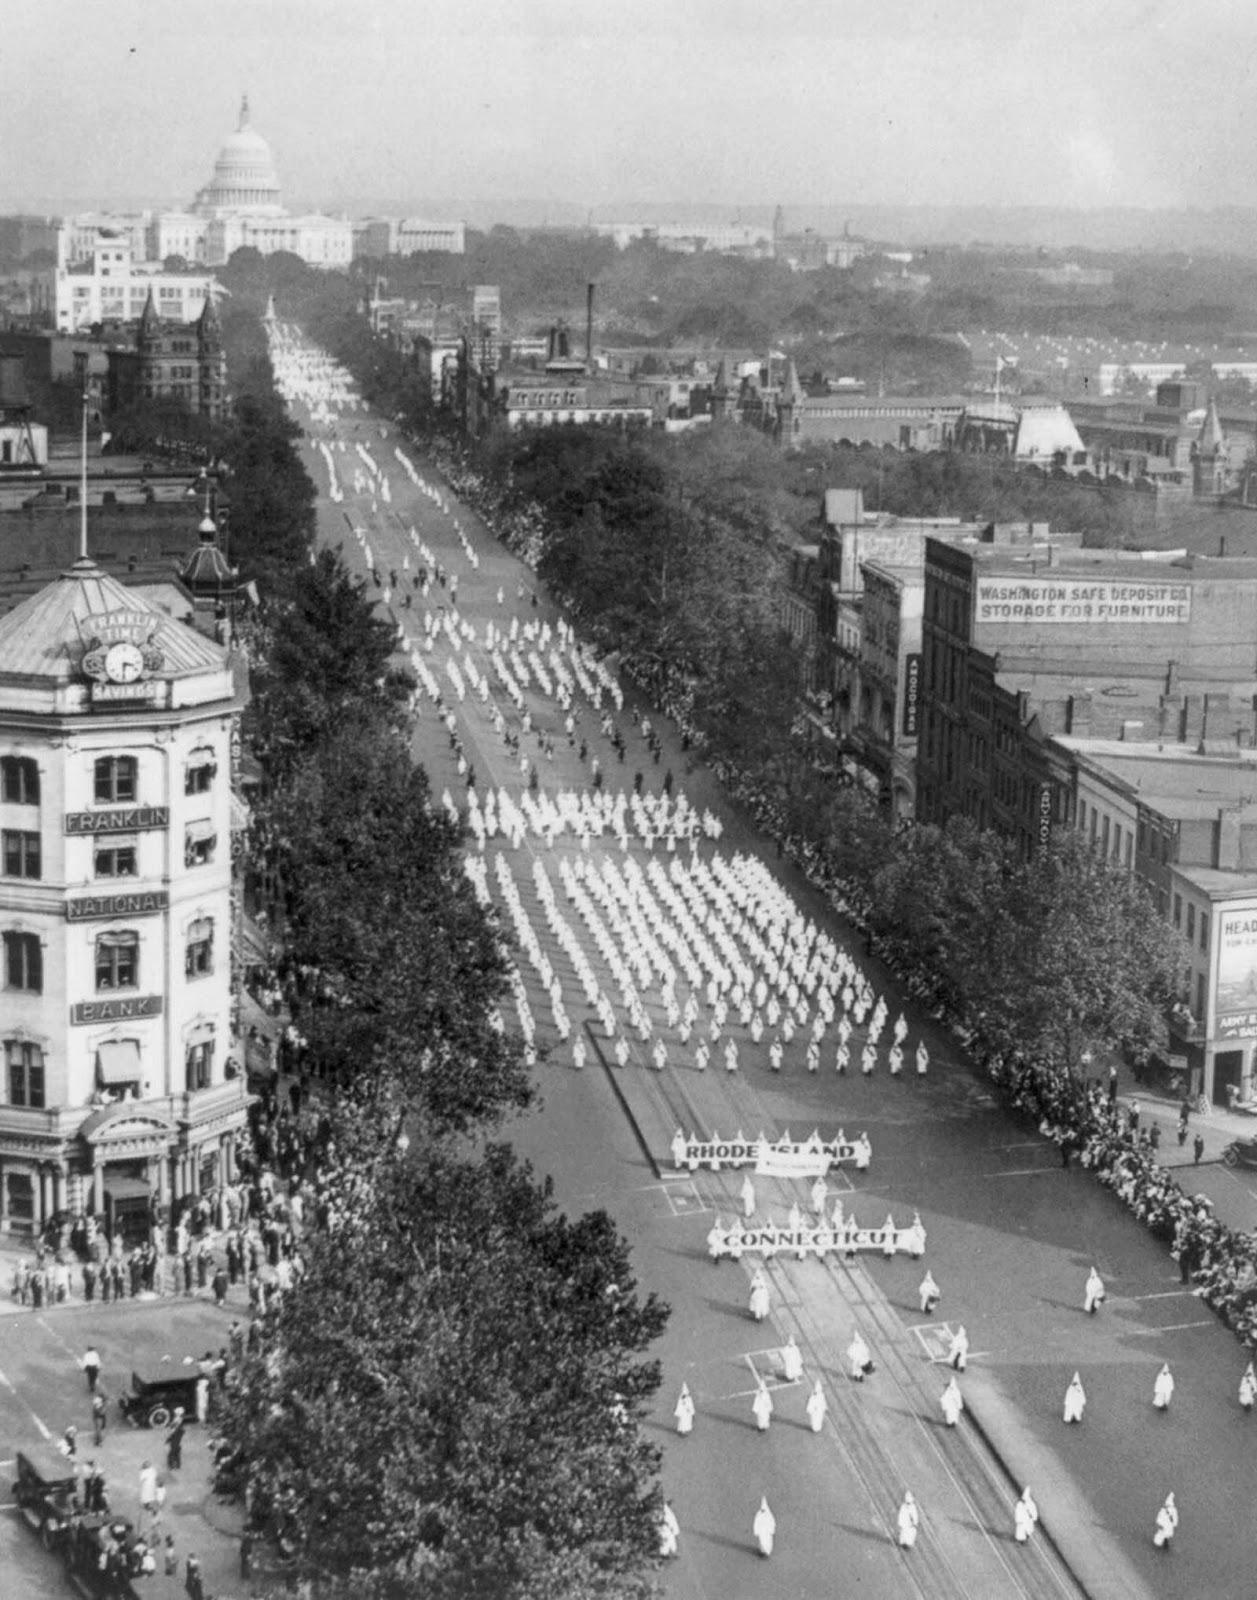 Klan members parade down Pennsylvania Avenue.